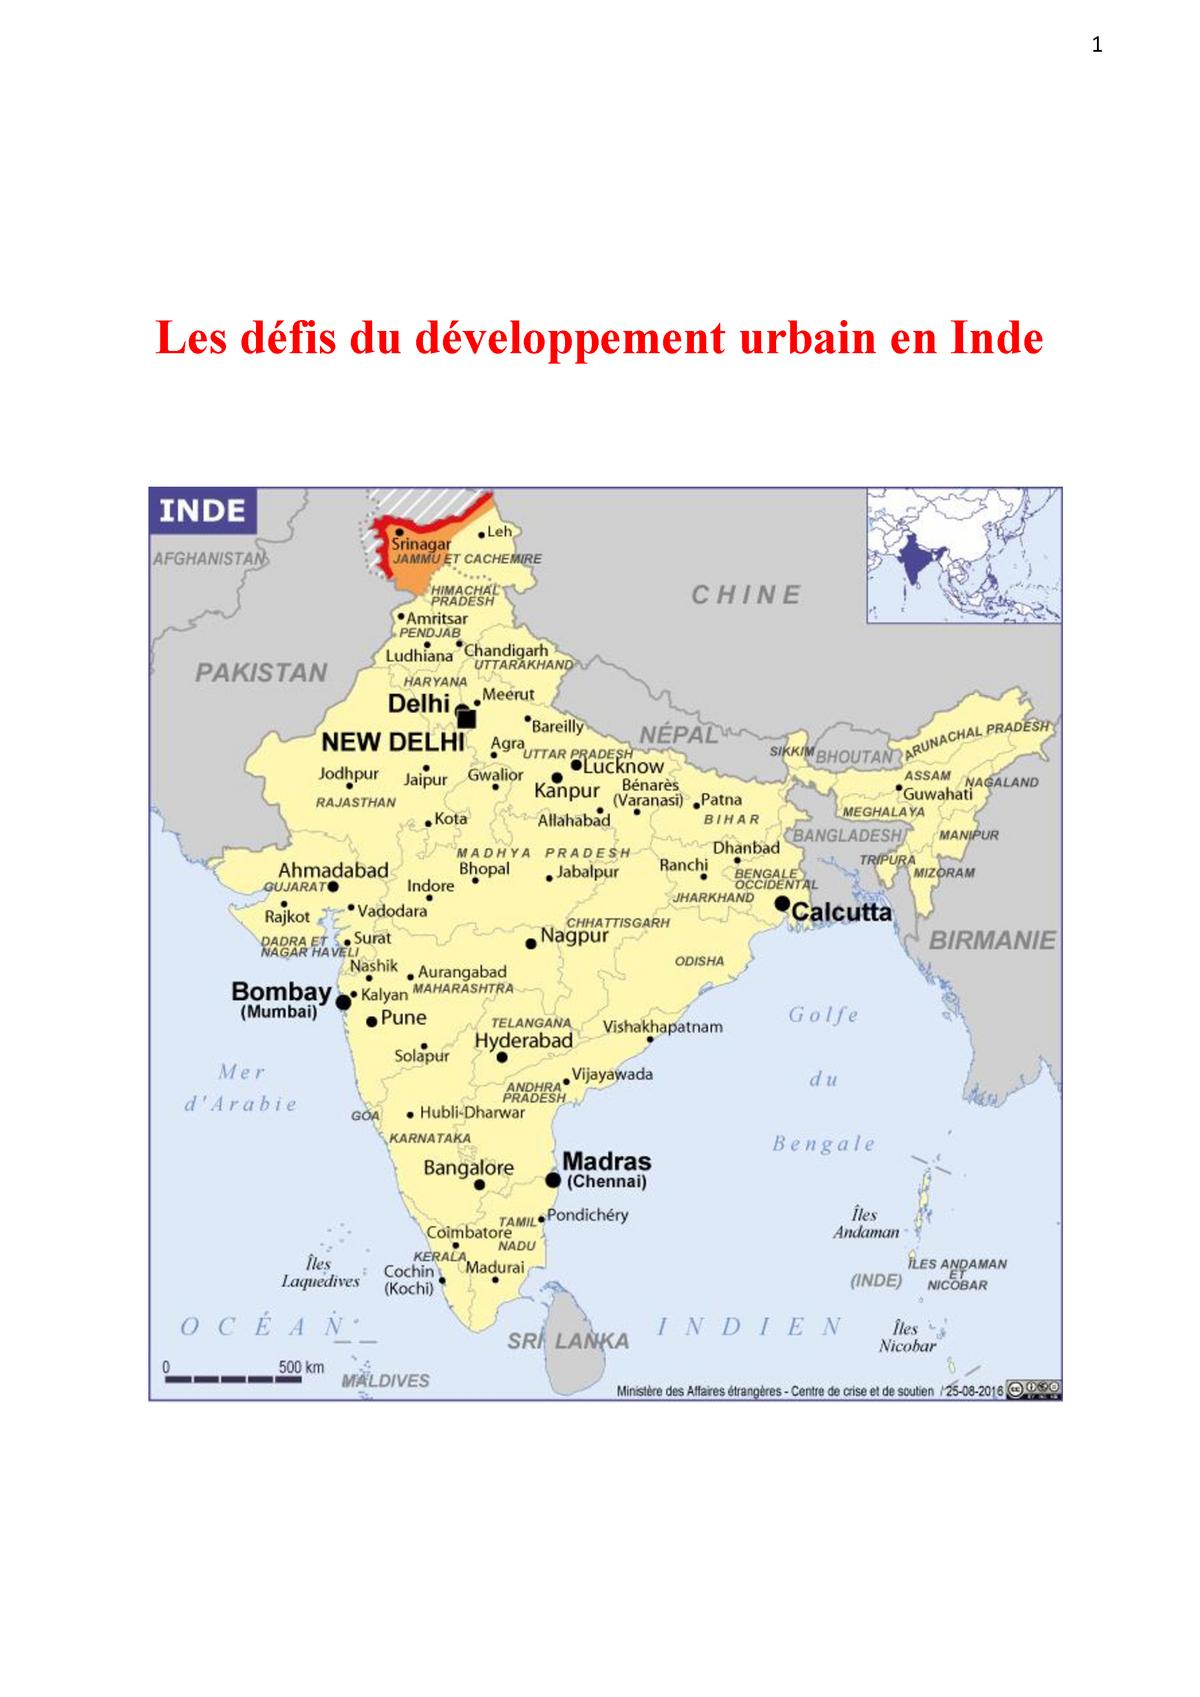 sites de rencontre Ludhiana méthode de datation archéologique la plus exacte